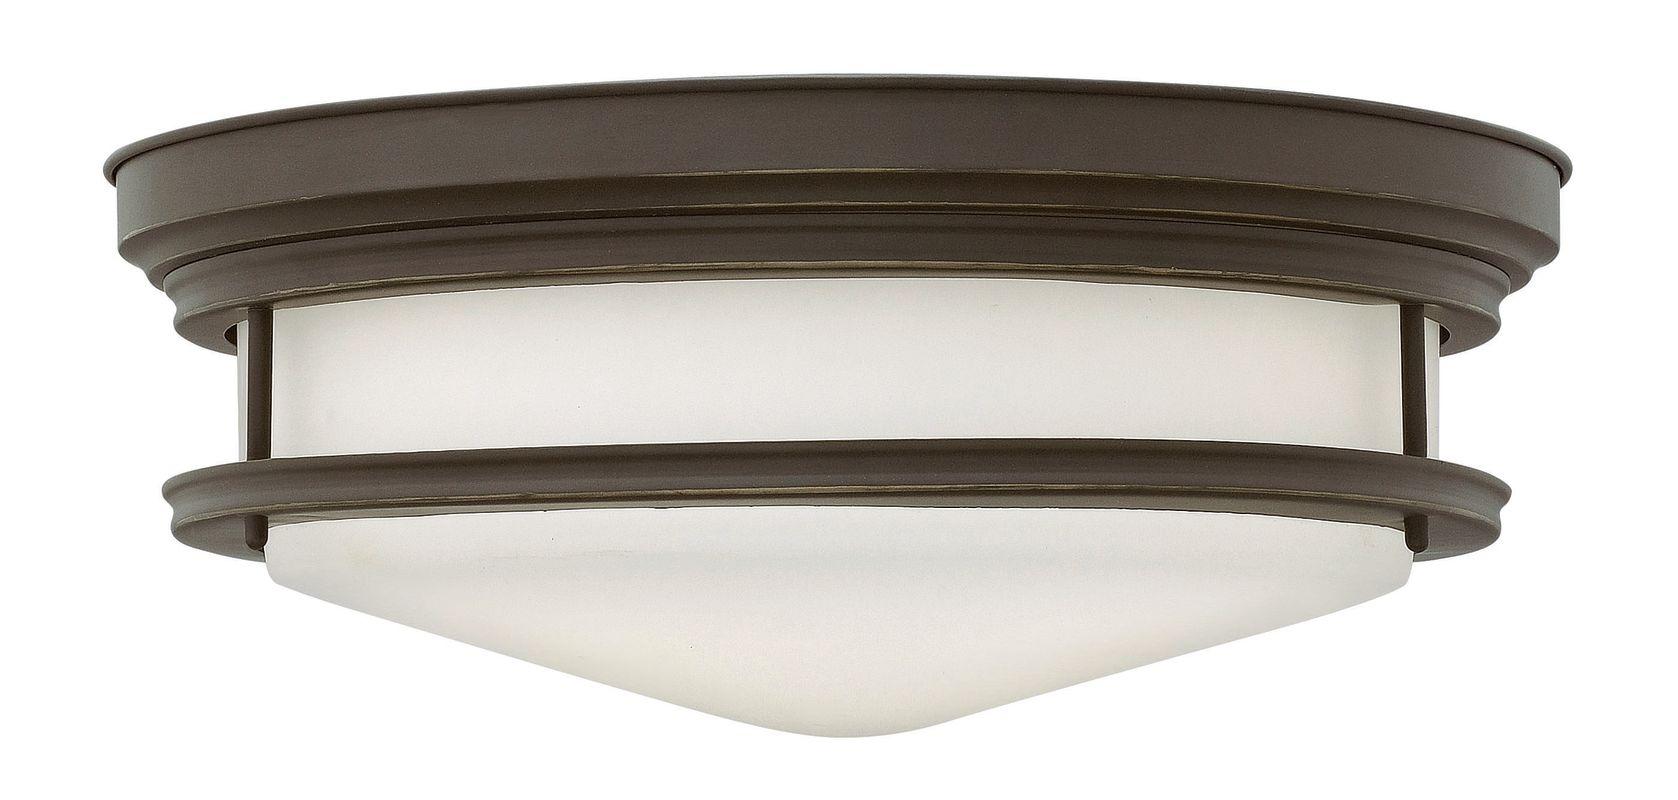 Hinkley Lighting 3304-GU24 4 Light Title 24 Fluorescent Flush Mount Sale $489.00 ITEM#: 2635260 MODEL# :3304OZ-GU24 UPC#: 640665330663 :